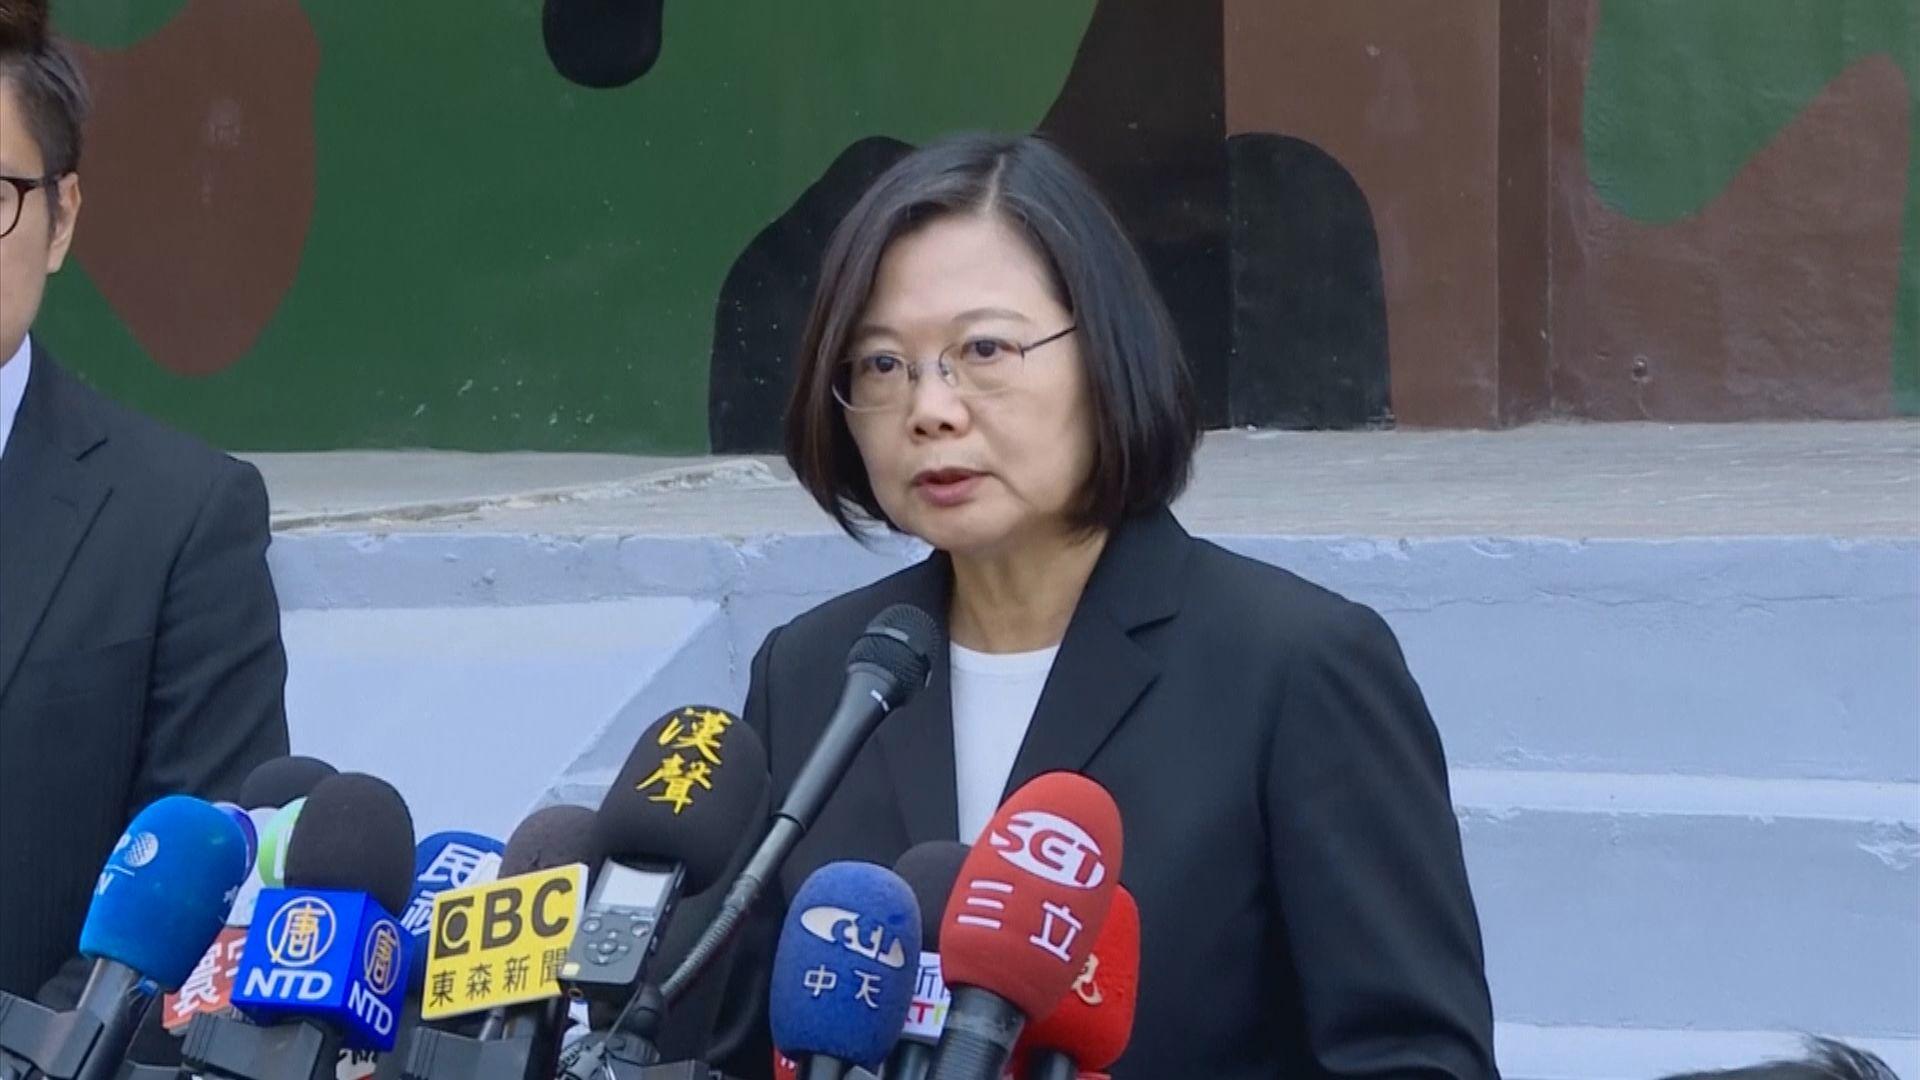 陸委會:刑警局已建立單一窗口協助處理陳同佳到台